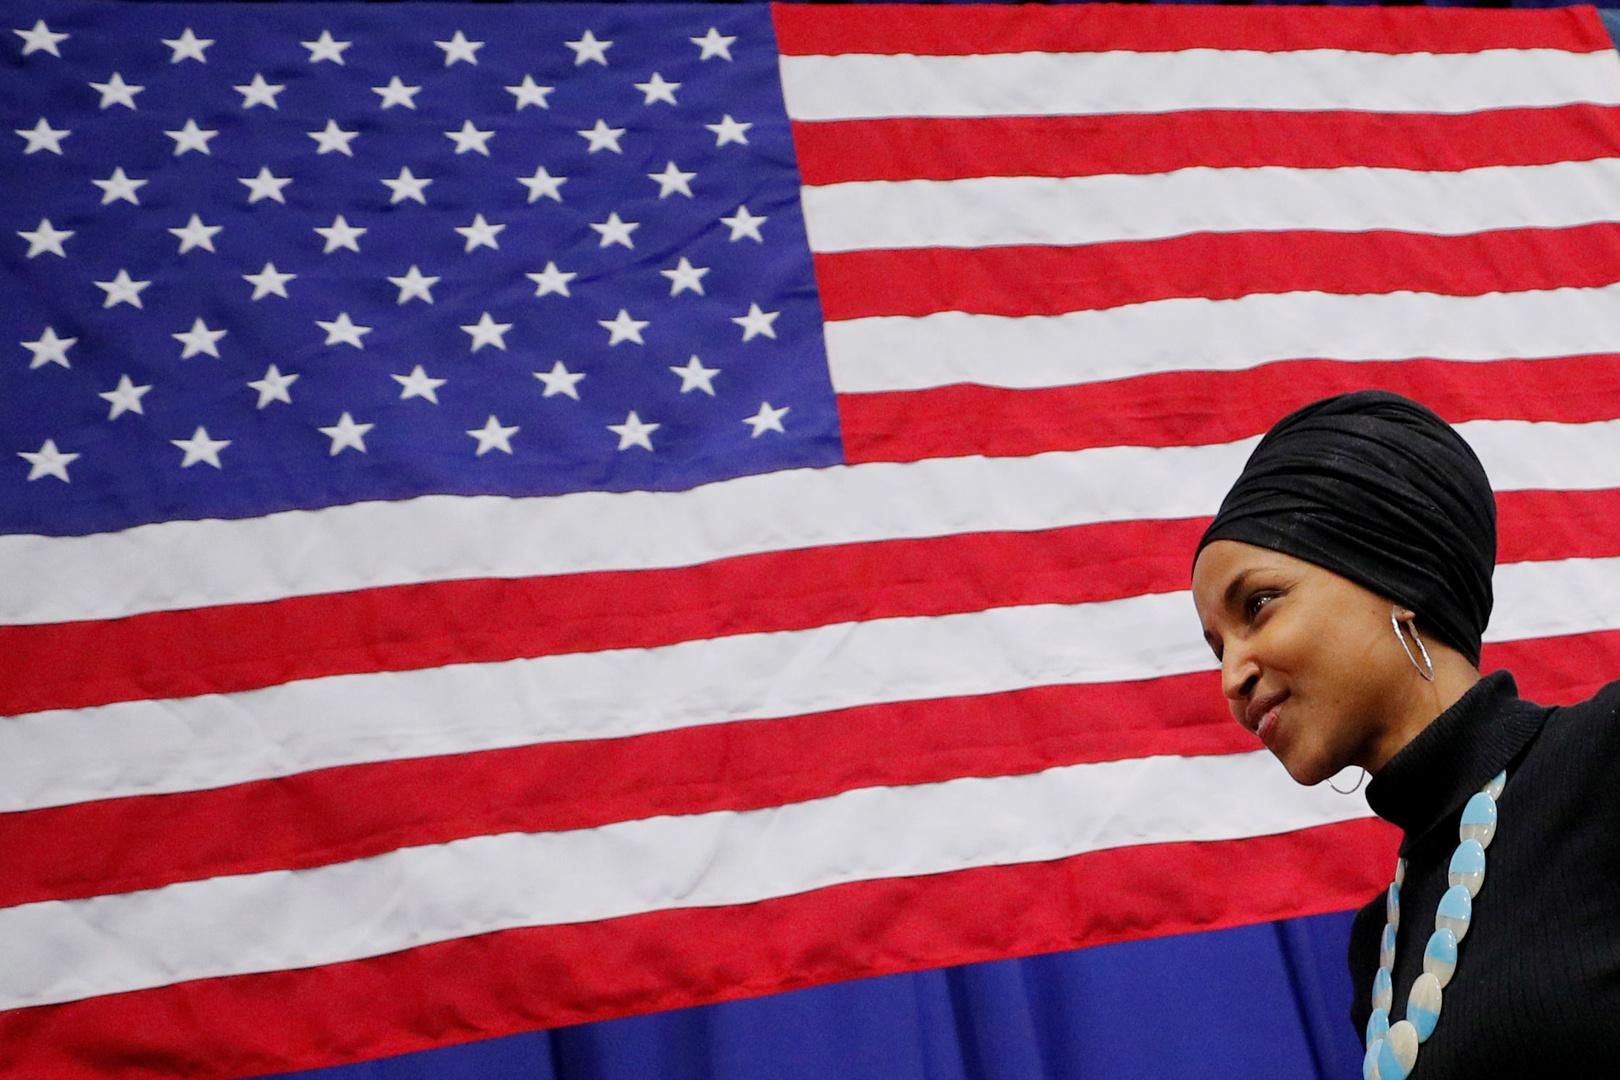 إلهان عمر تبعث برسالة حول تركيا إلى مبعوث واشنطن الخاص بسوريا